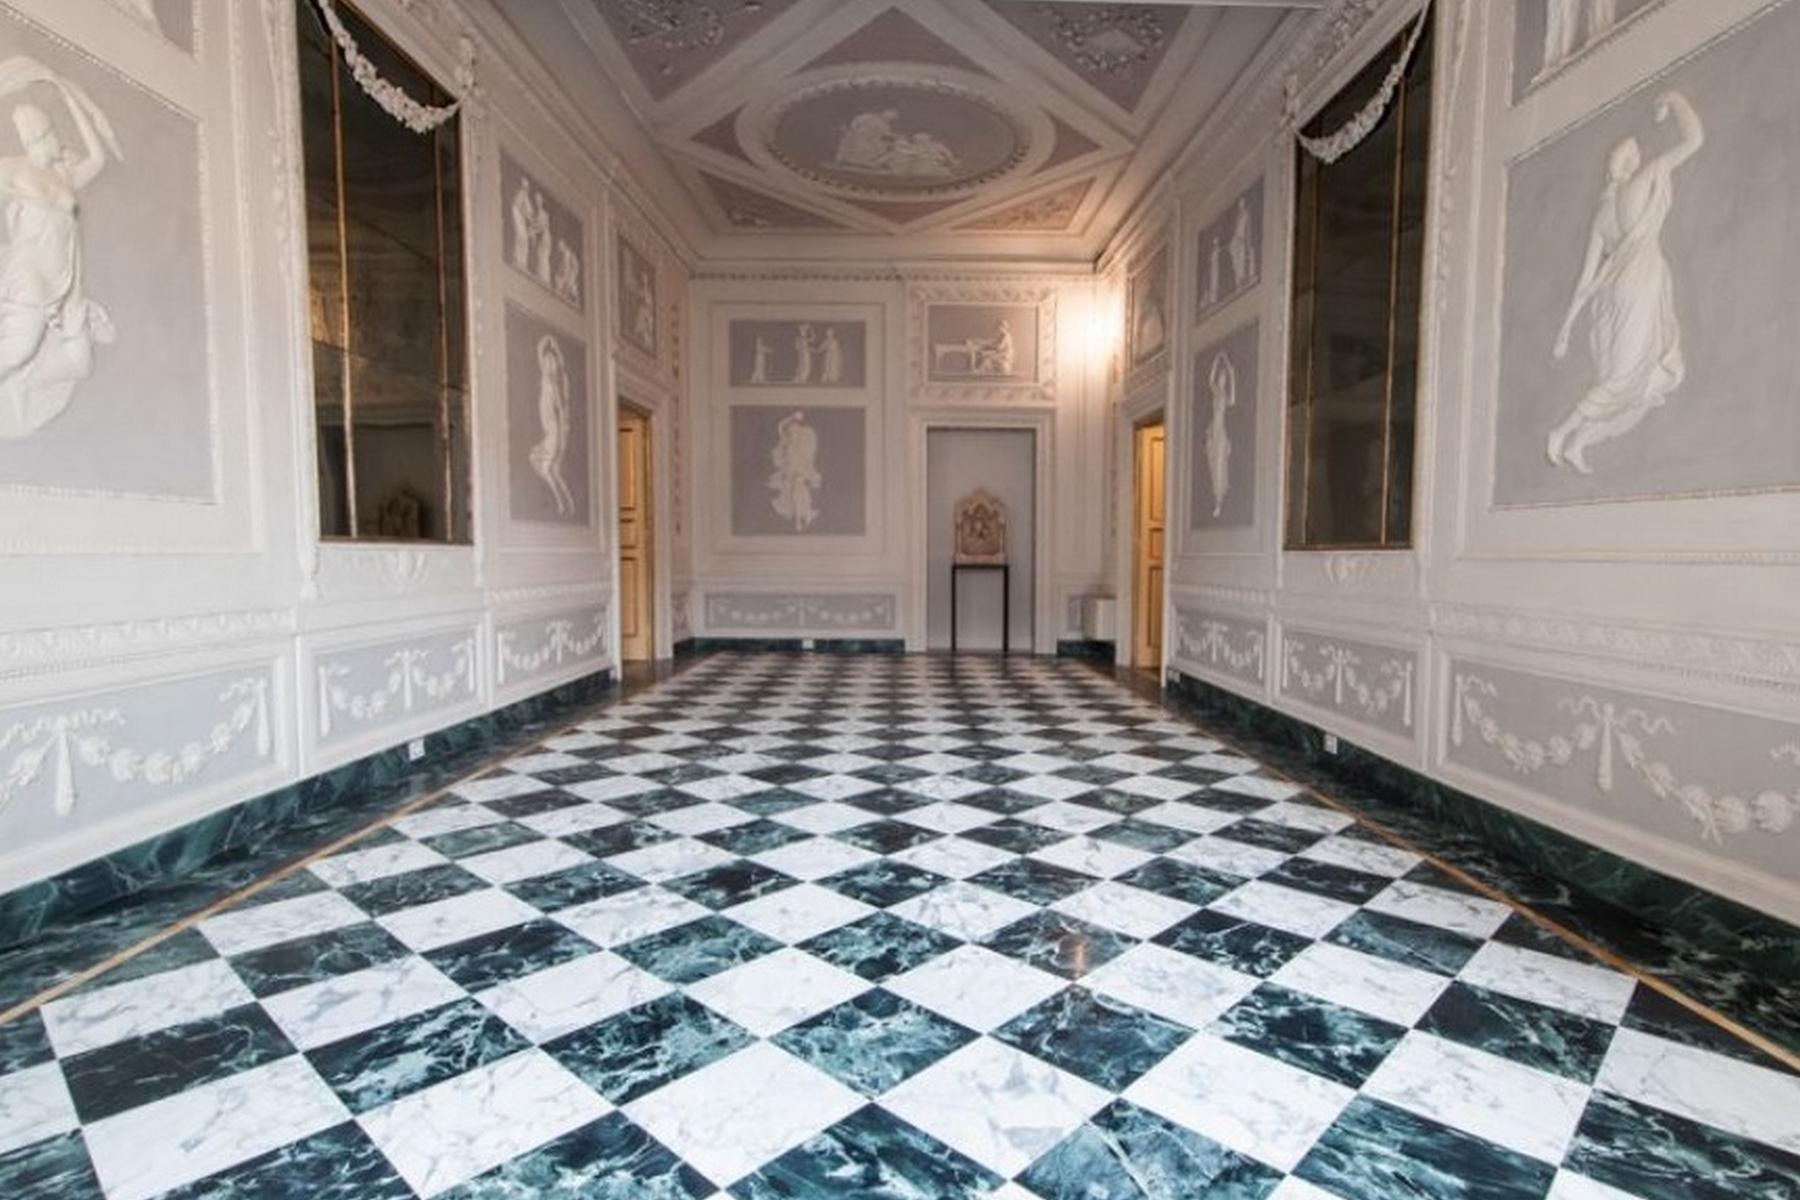 Appartamento per Affitto alle ore Appartamento riccamente affrescato nel centro di Lucca Via Santa Croce Lucca, Lucca 55100 Italia